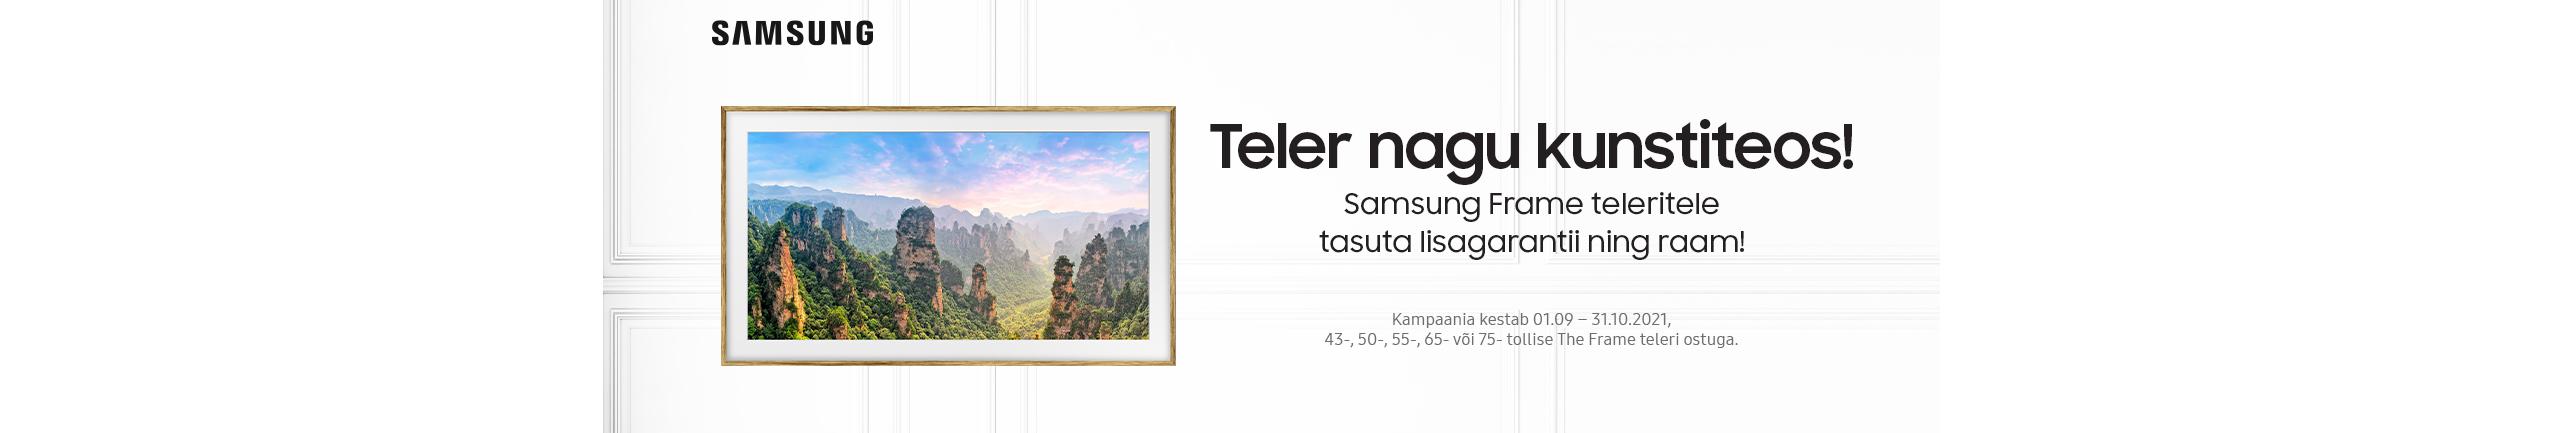 Valitud Samsung Frame teleritega kaasa kingituseks lisagarantii ja raam